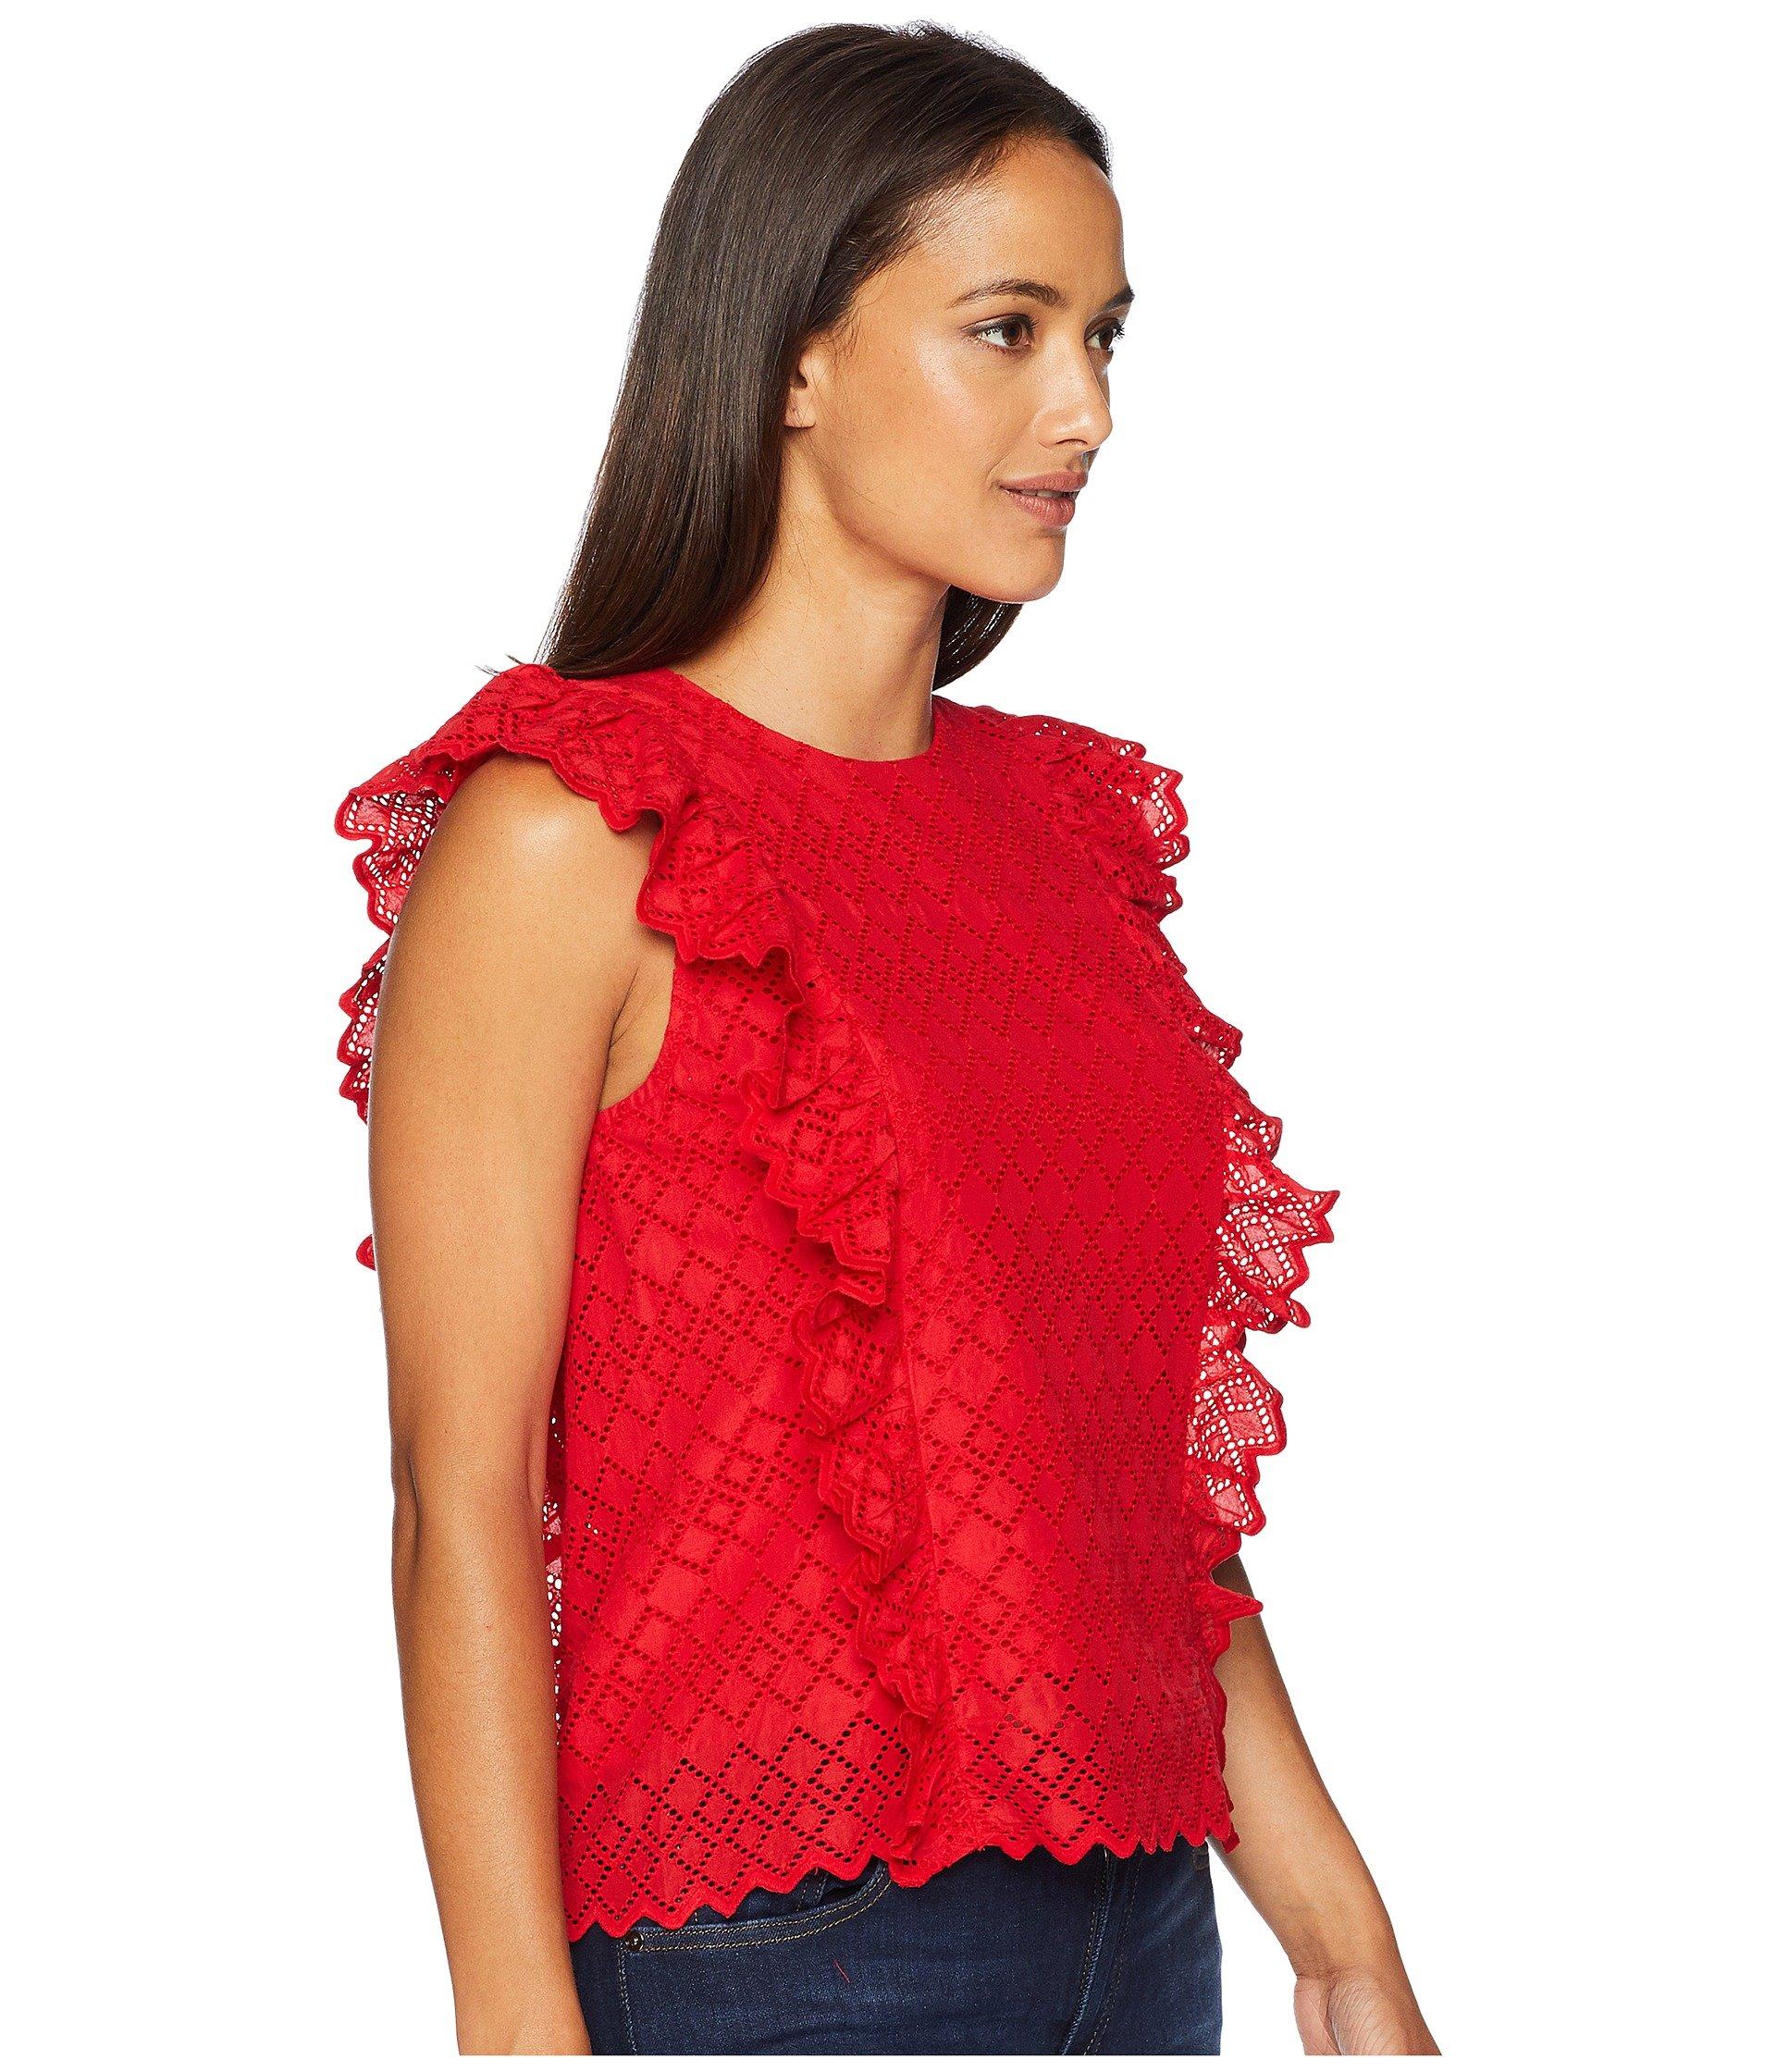 Red Top Ralph Lauren Eyelet Cotton Petite Ruffled Lipstick fTS0wZSq